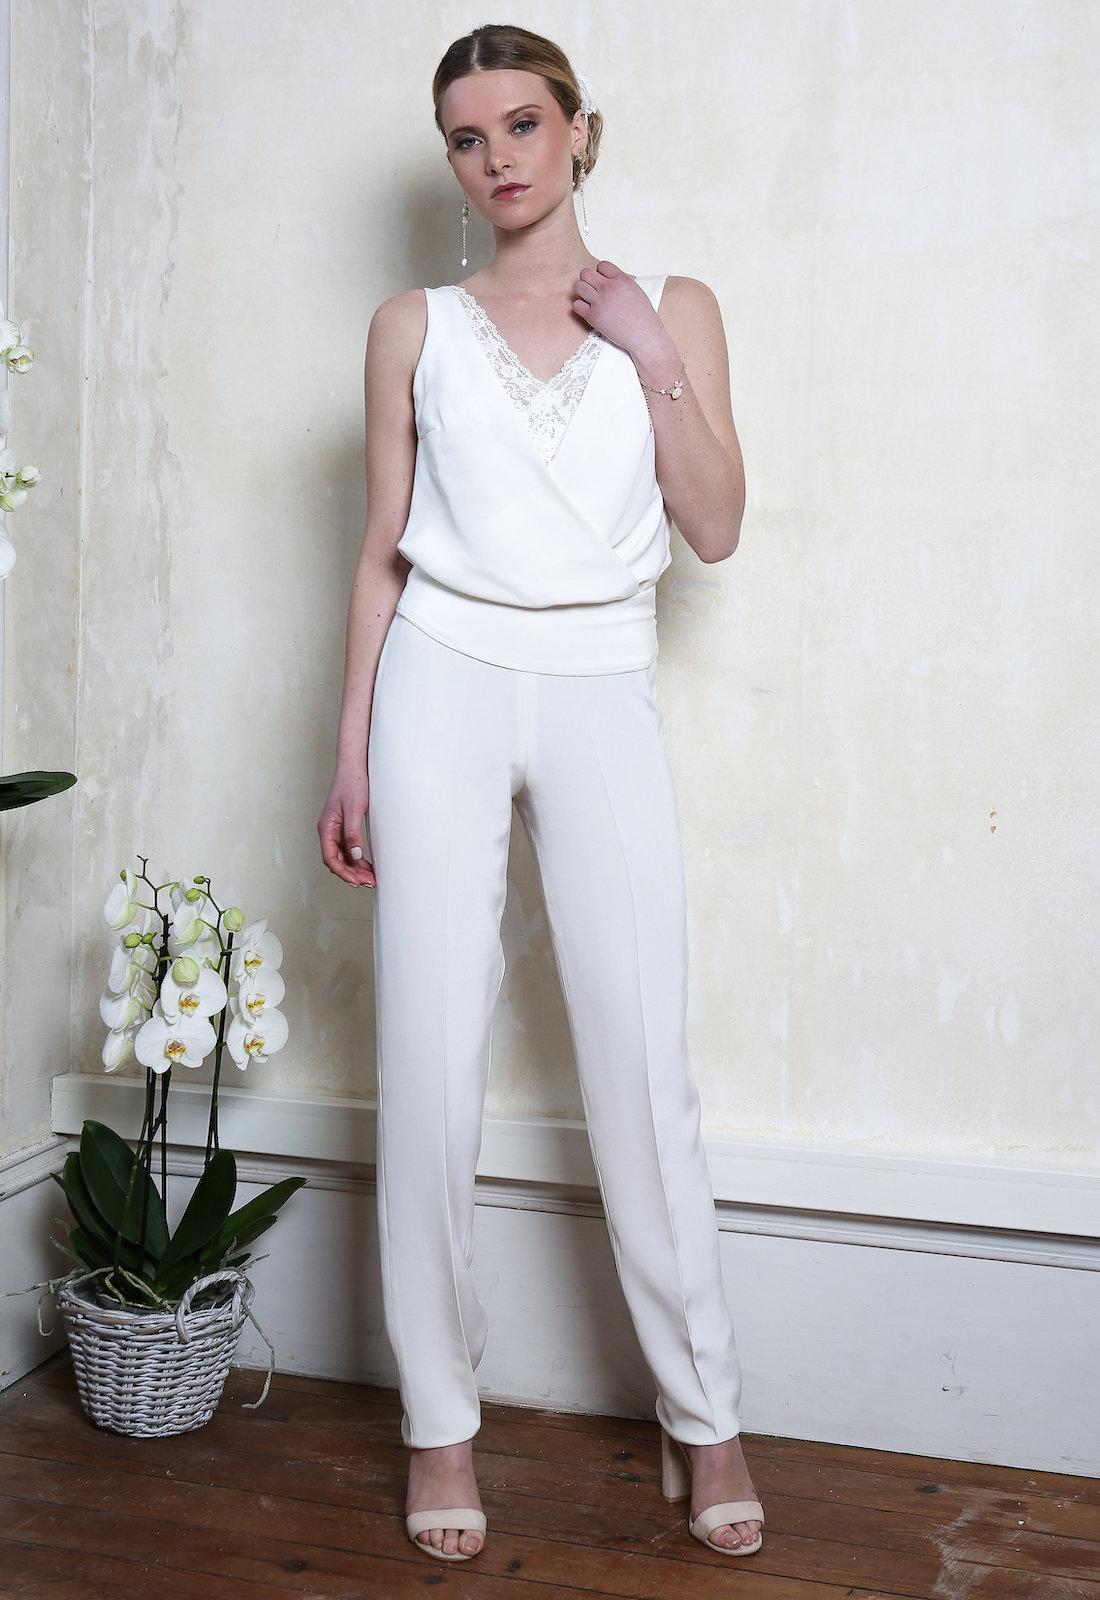 gamme complète d'articles 100% qualité garantie obtenir pas cher Tenue de mariée pantalon Valérie Elsa Gary. Caralys Mariage ...